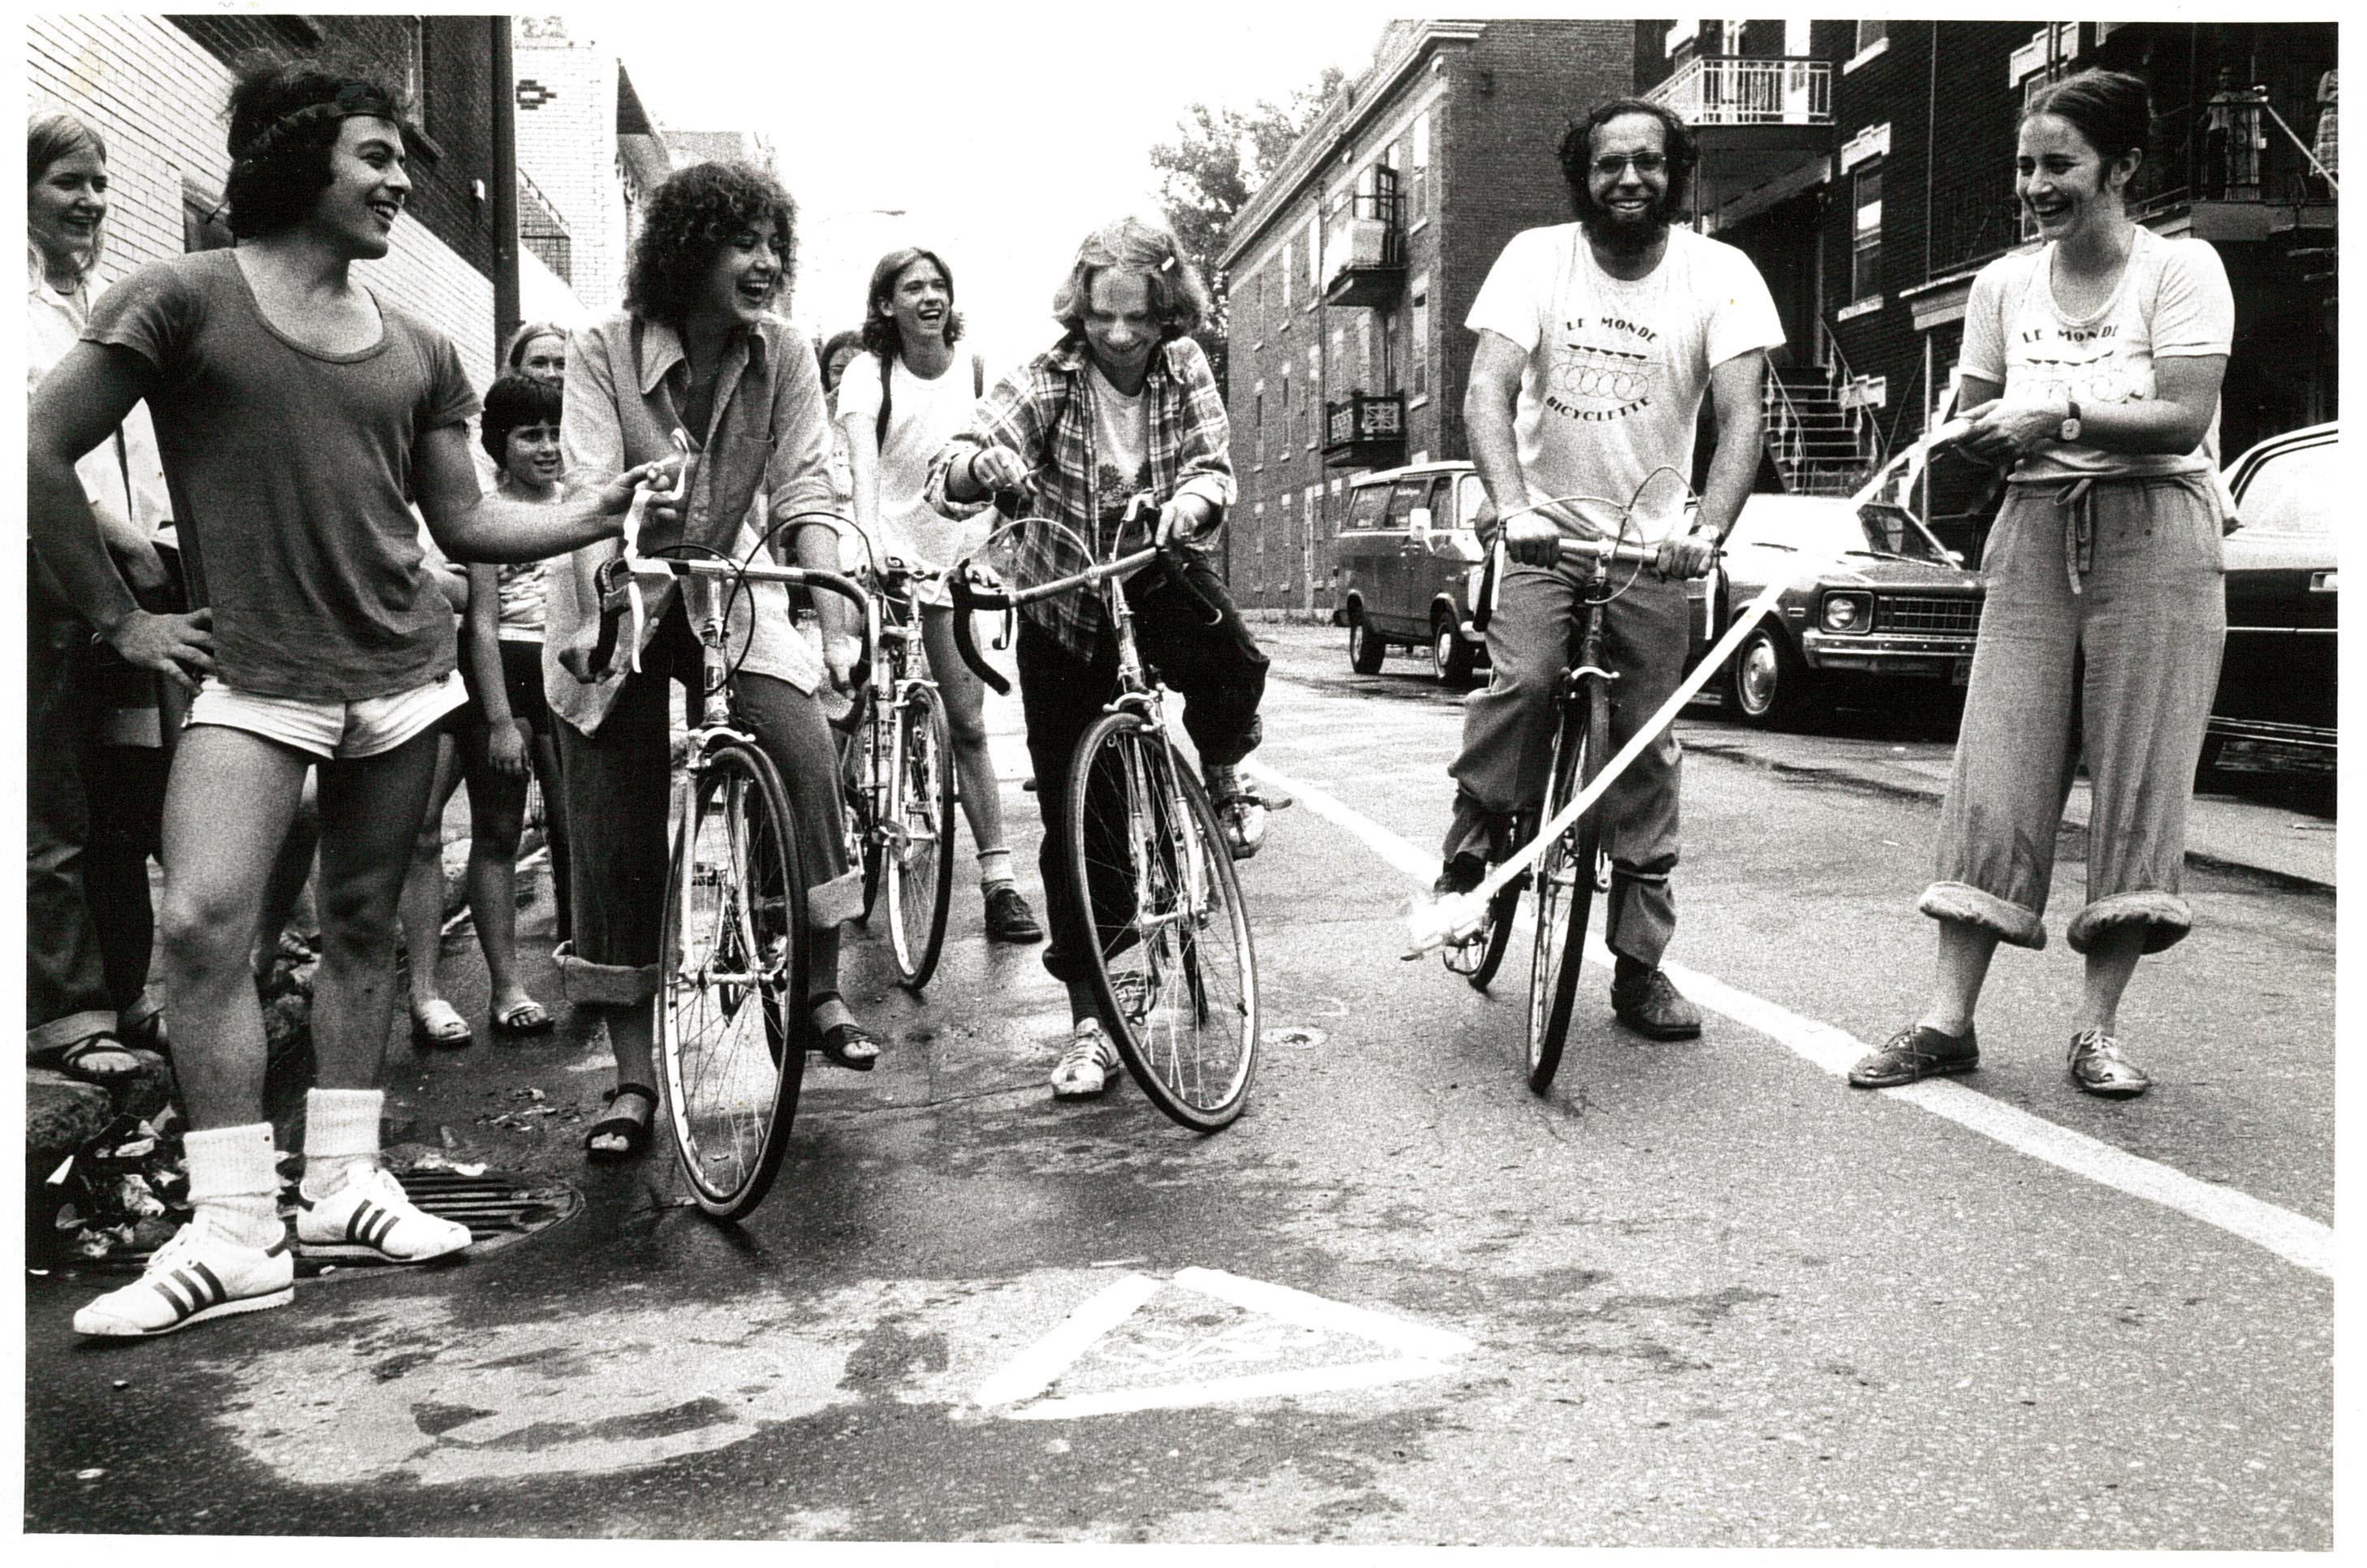 Groupe de cyclistes qui font une piste cyclable illégale.